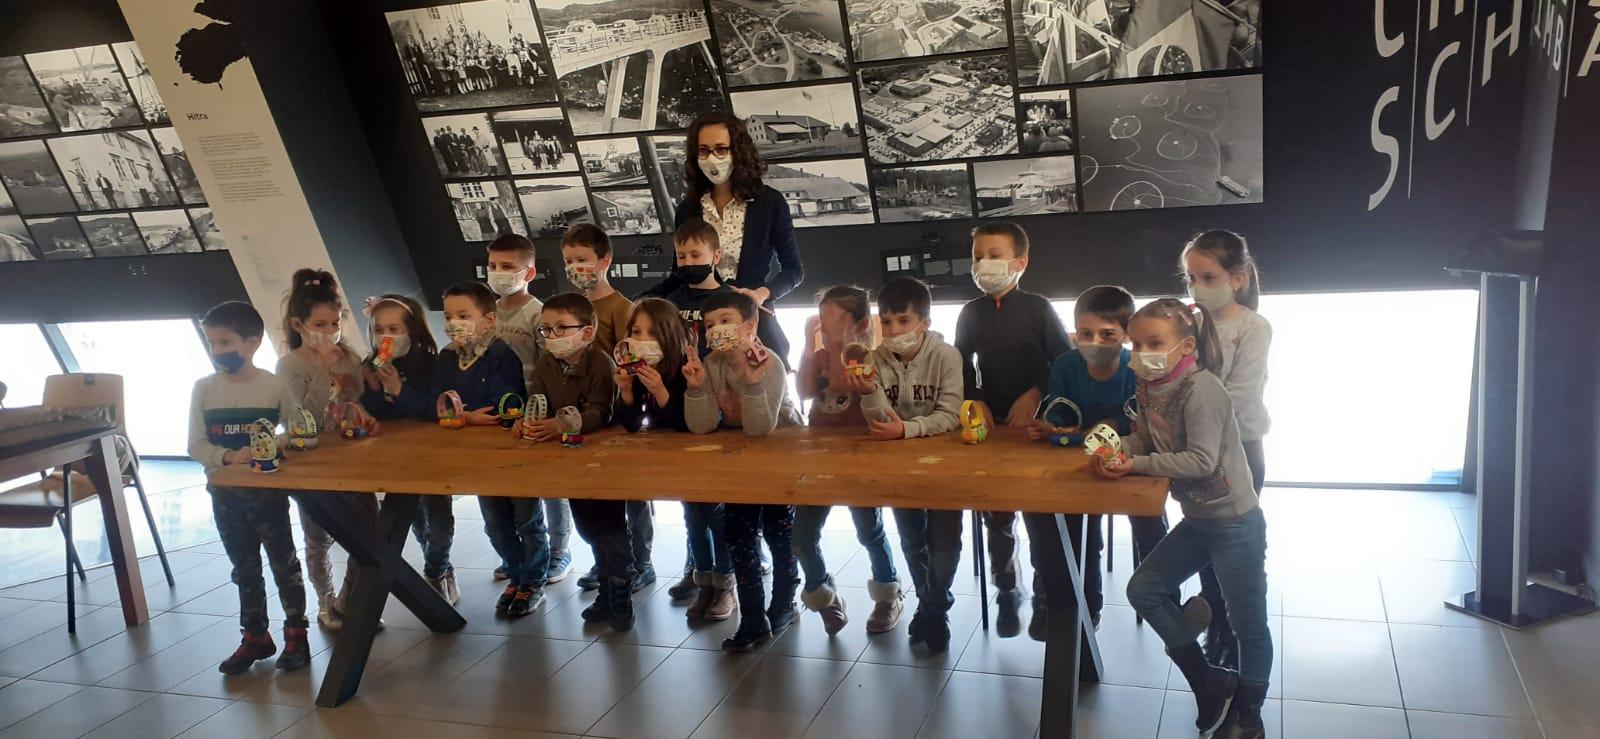 Elevii de la Școala Gimnazială Nr.8 din Sibiu au adus primăvara prin două proiecte dedicate mamei